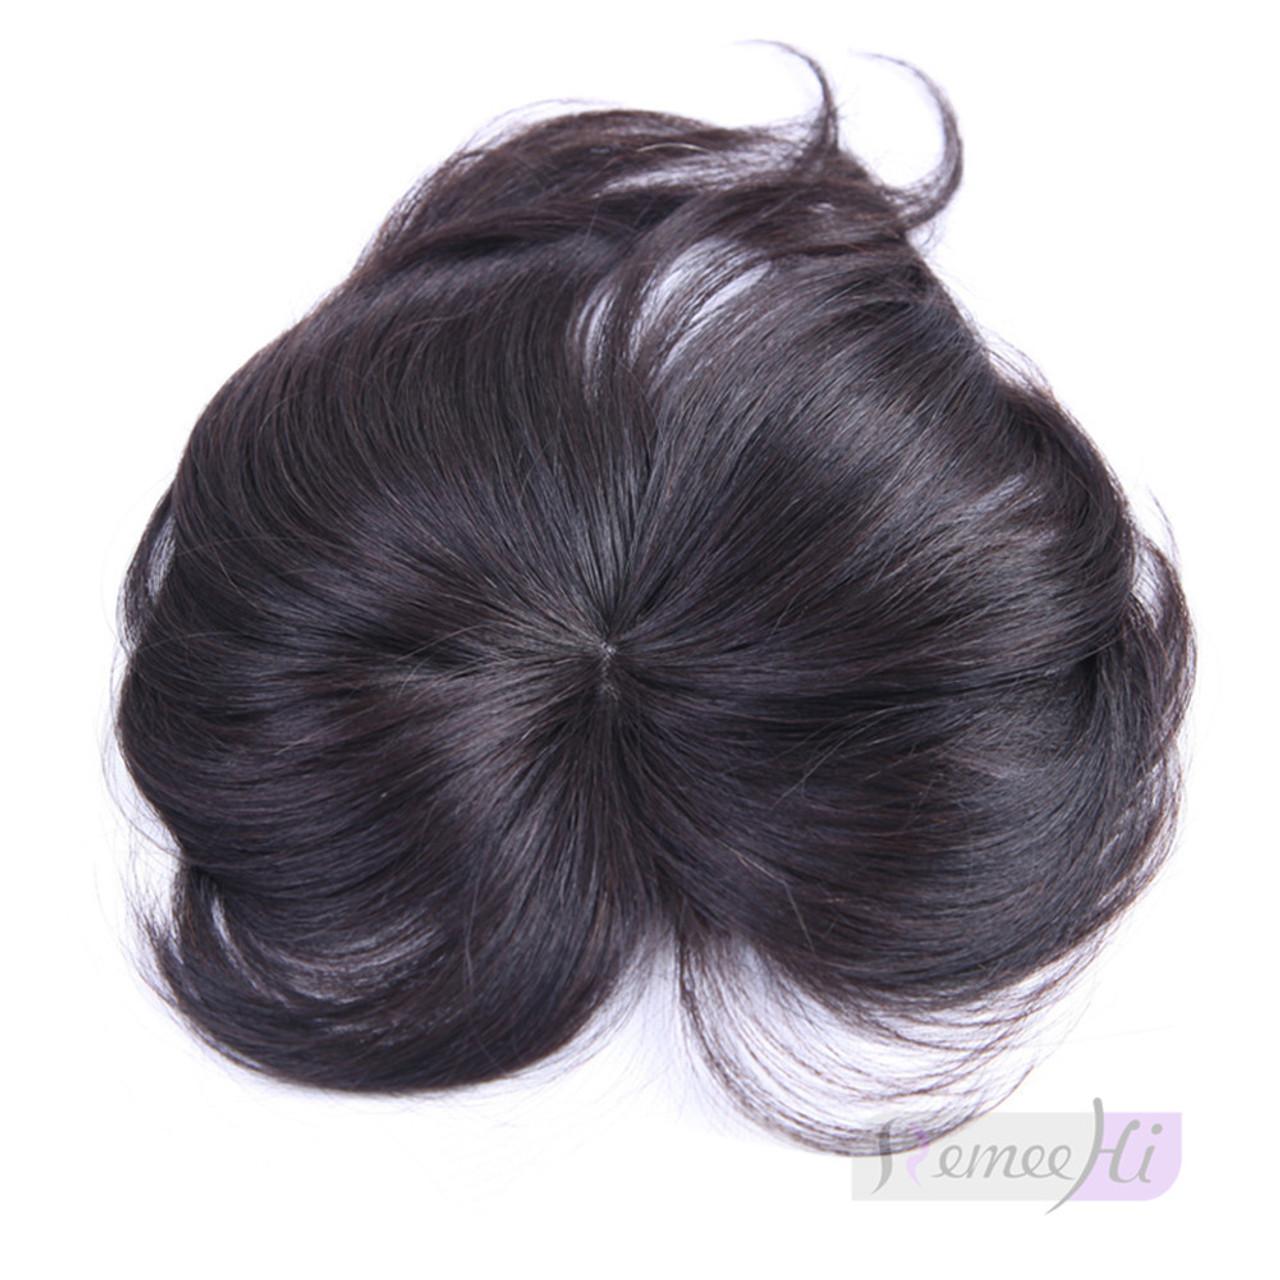 Remeehi Gorgeous Real Human Hair Flat Bangsfringe Hand Tied Bangs